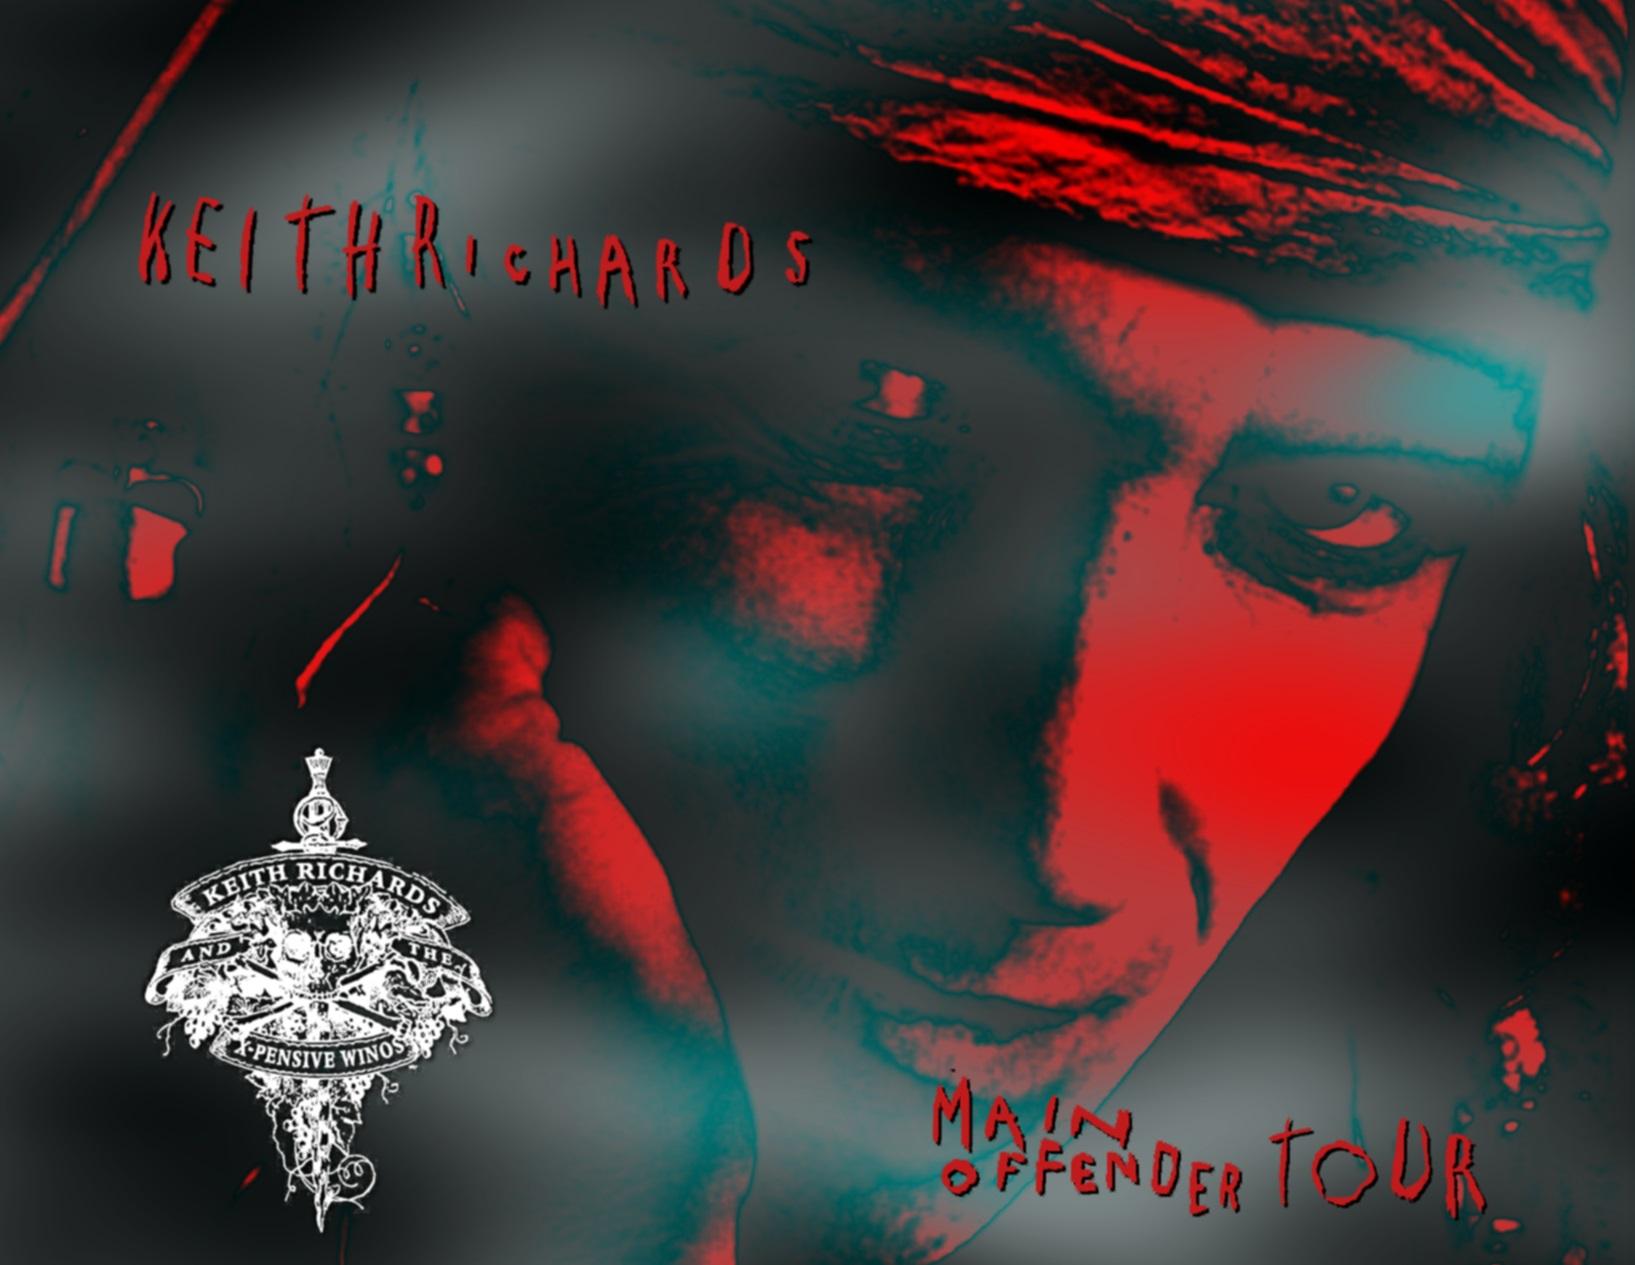 コレクターズCD Keith Richards - Main Offender Tour 1992